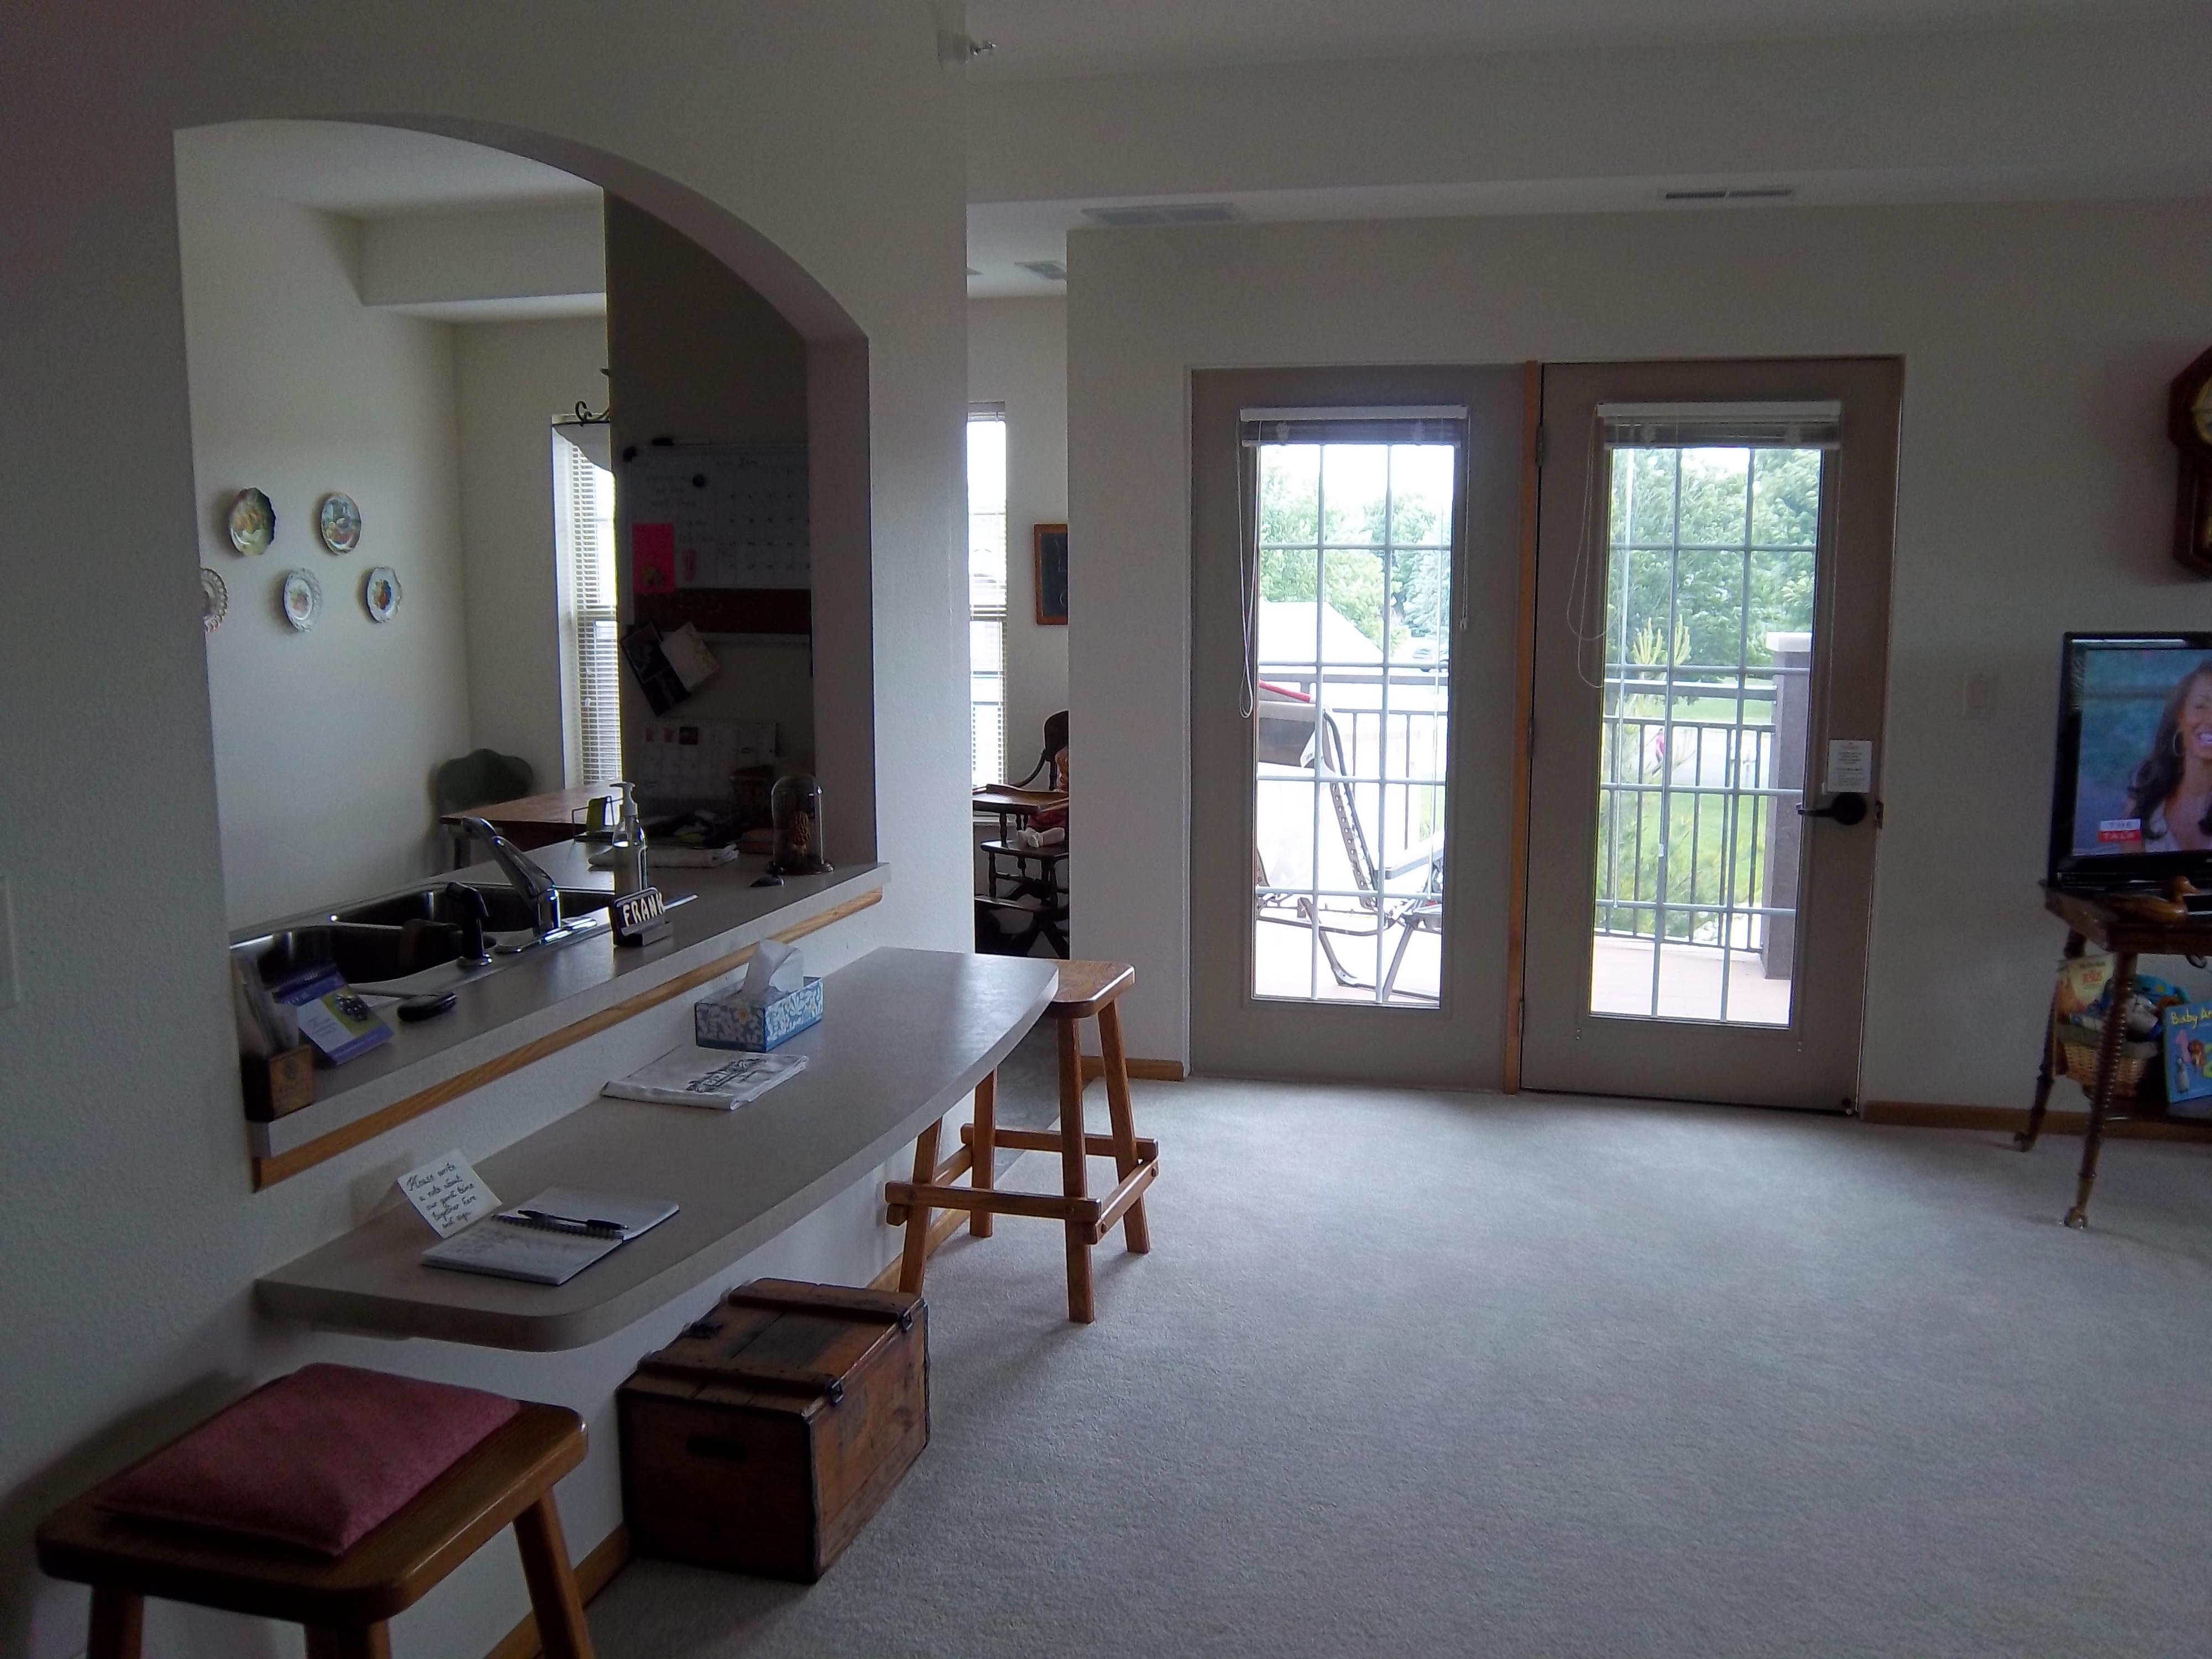 Kingsway Retirement Living at Belle Plaine, MN